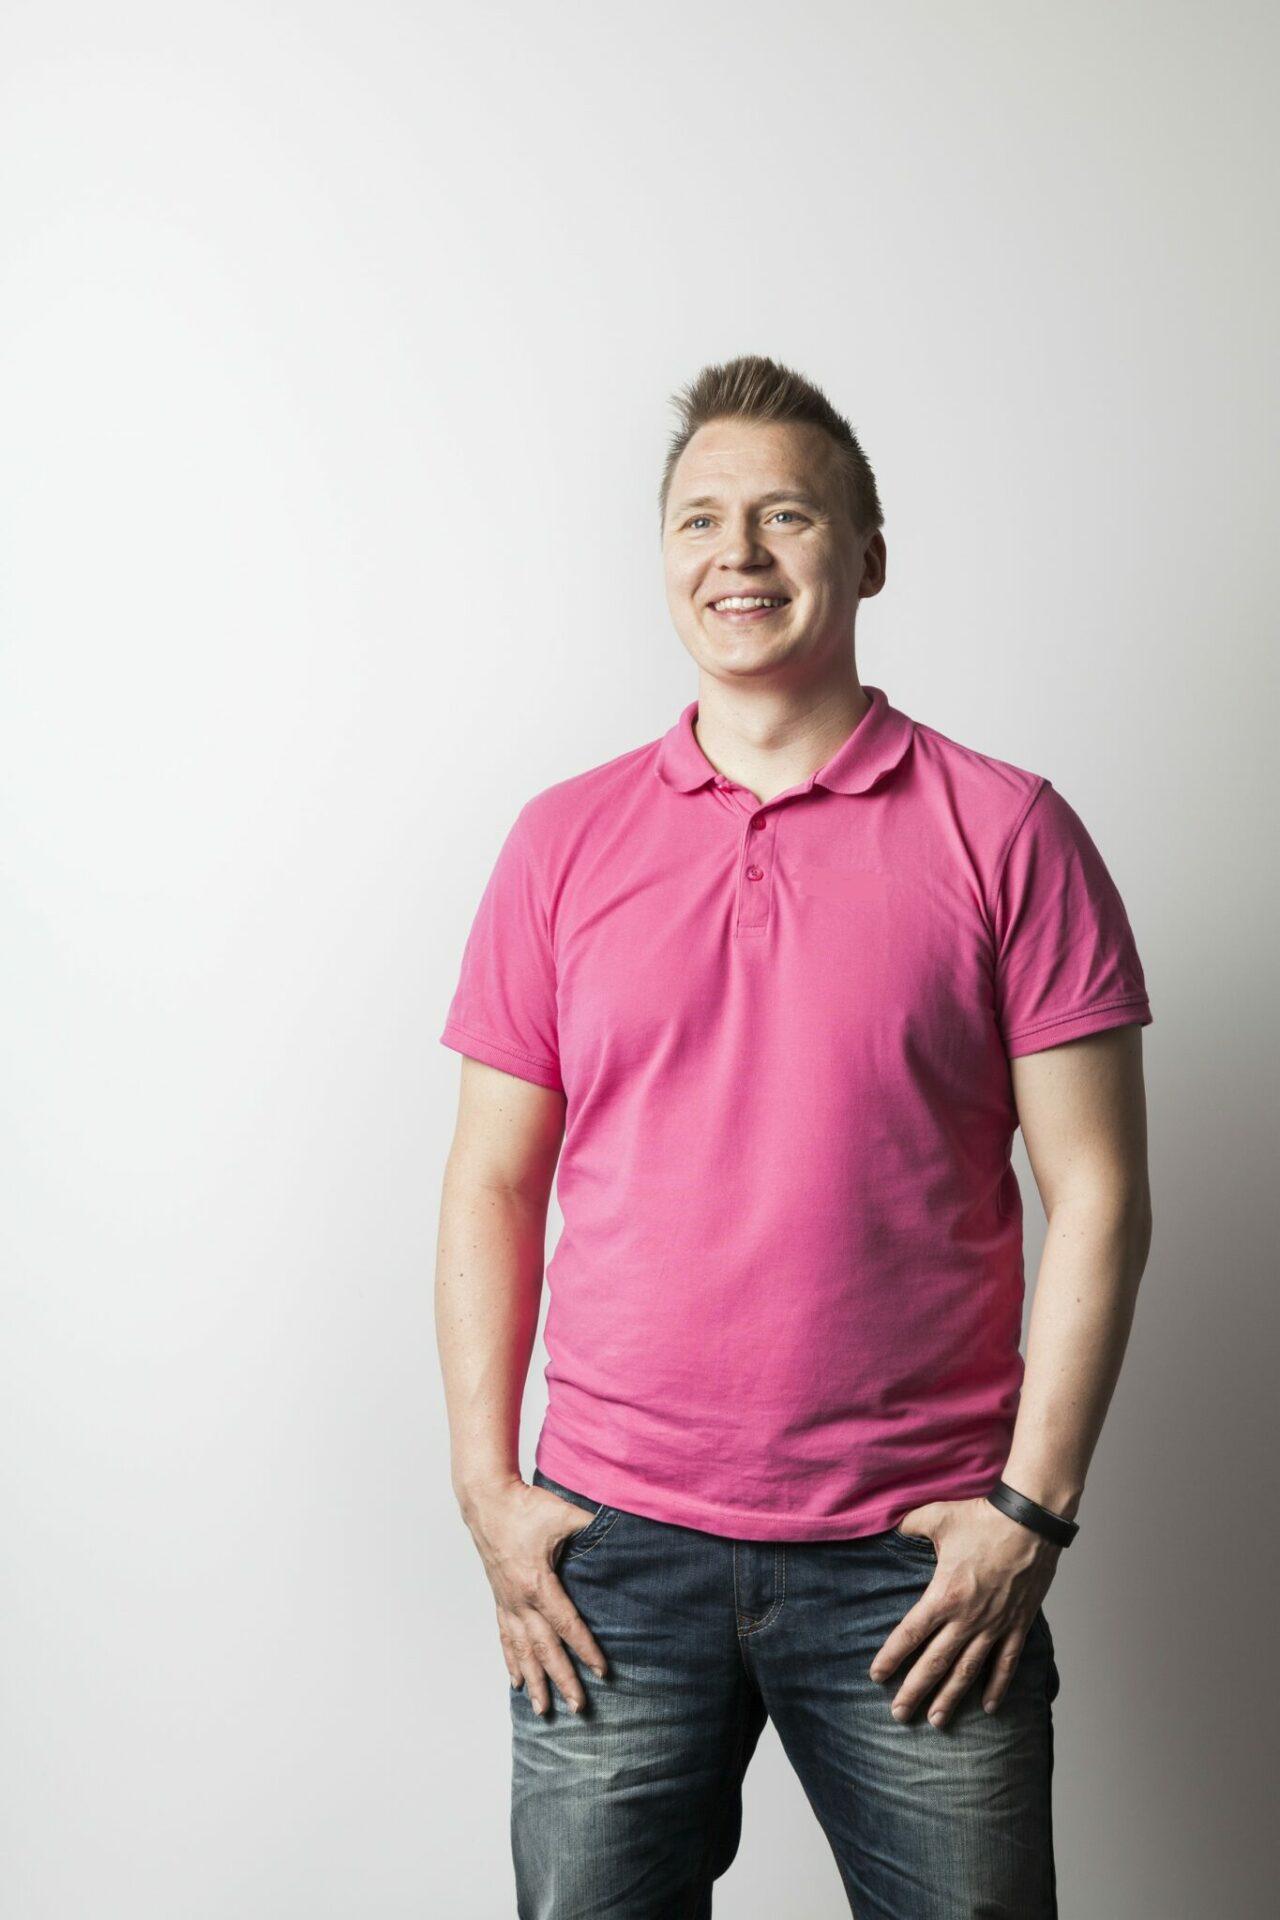 Veli-Matti Nurkkala CSE Entertainment